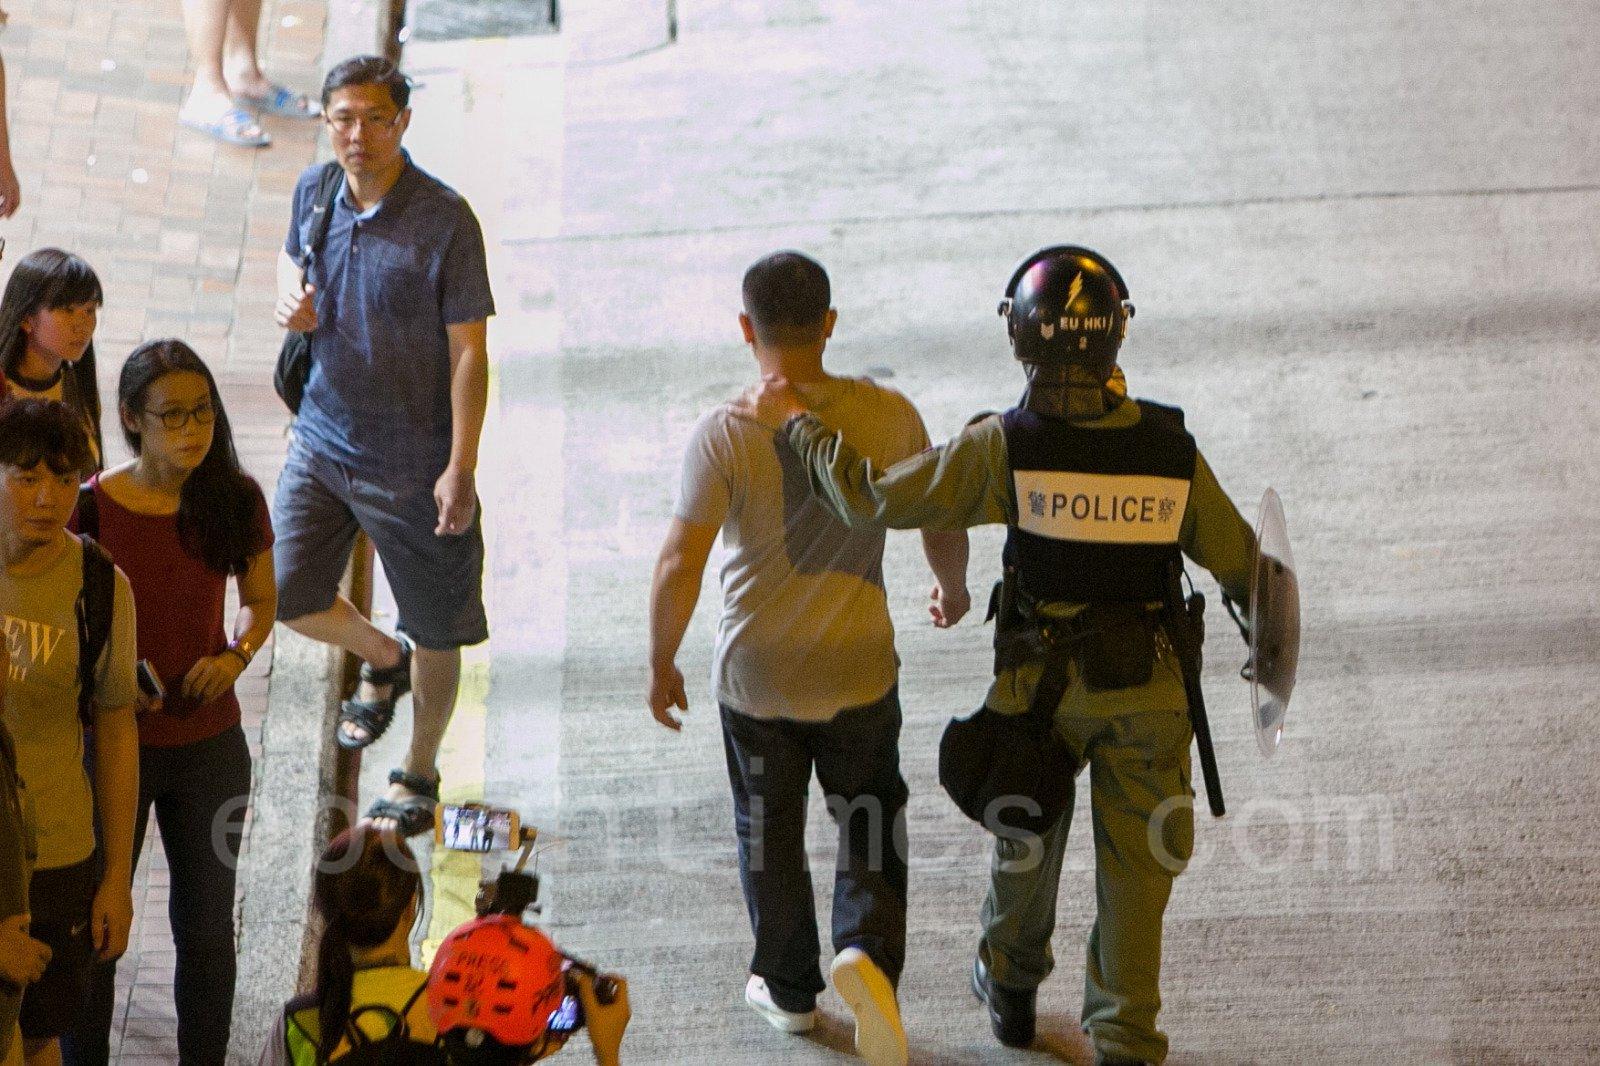 15日晚在北角炮台山,警察護送打人的福建幫成員離開現場。(楊家豪/大紀元)